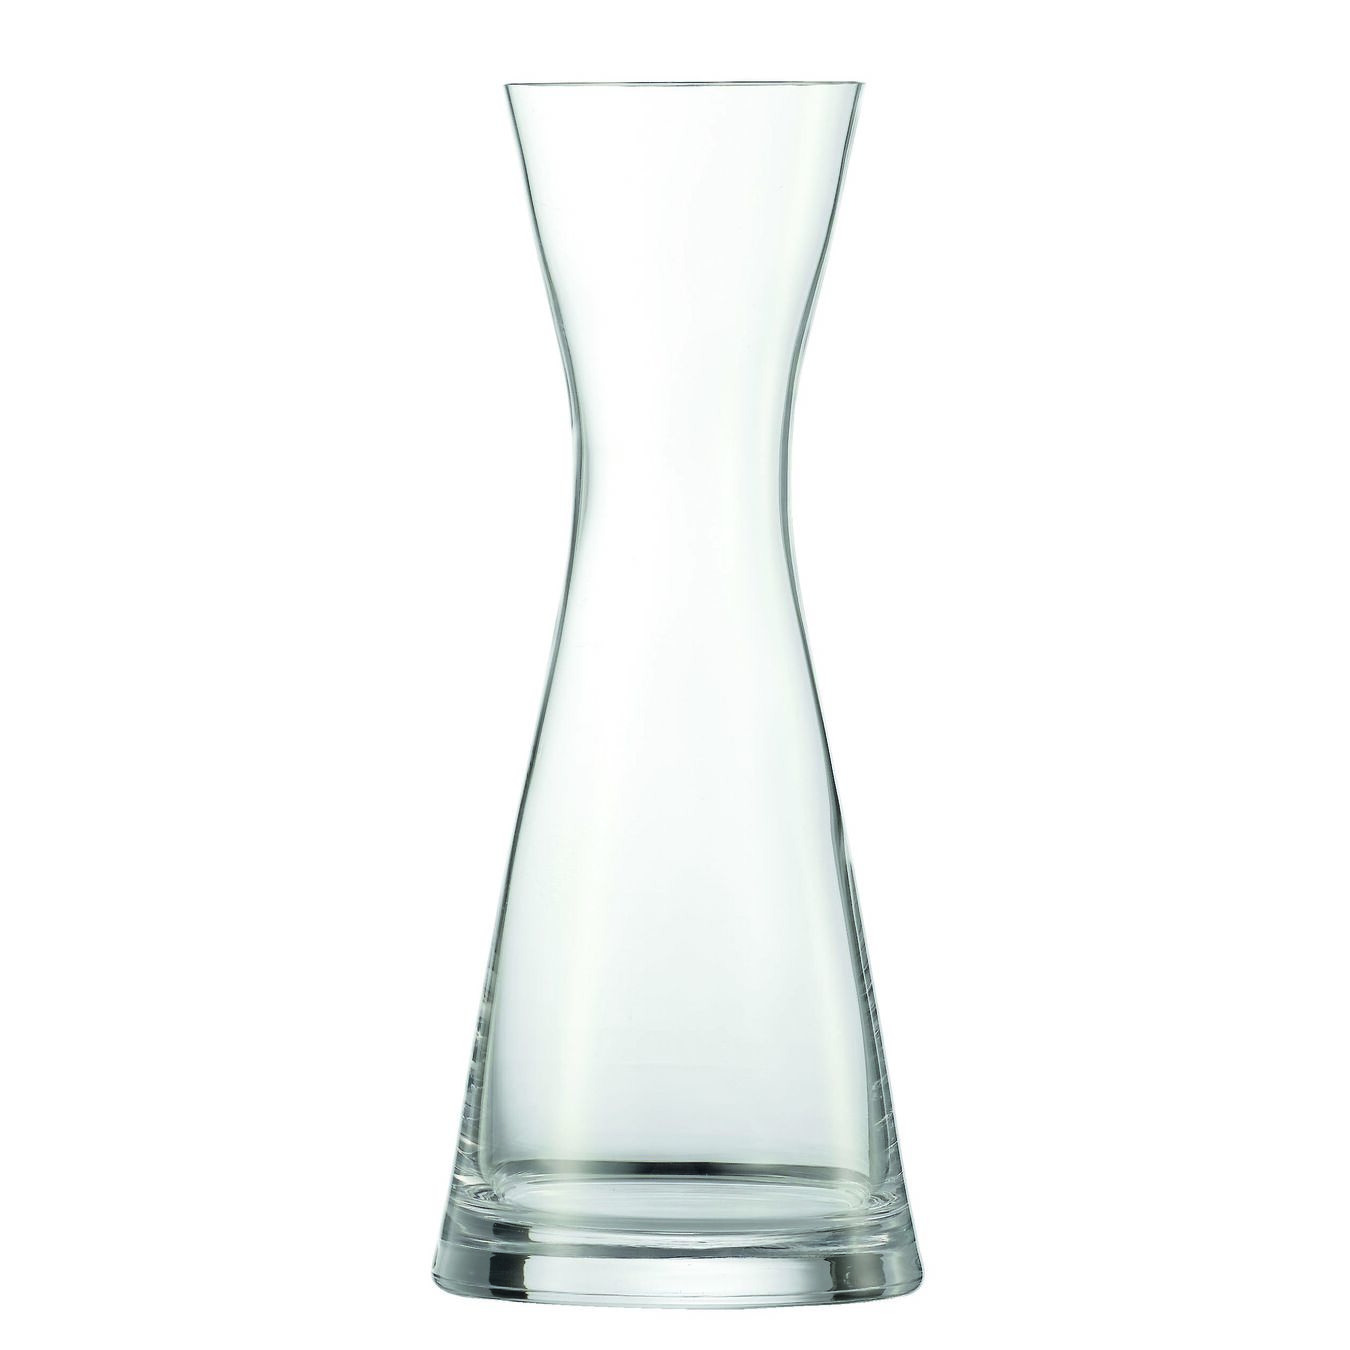 Carafe 750 ml, Vidro,,large 1